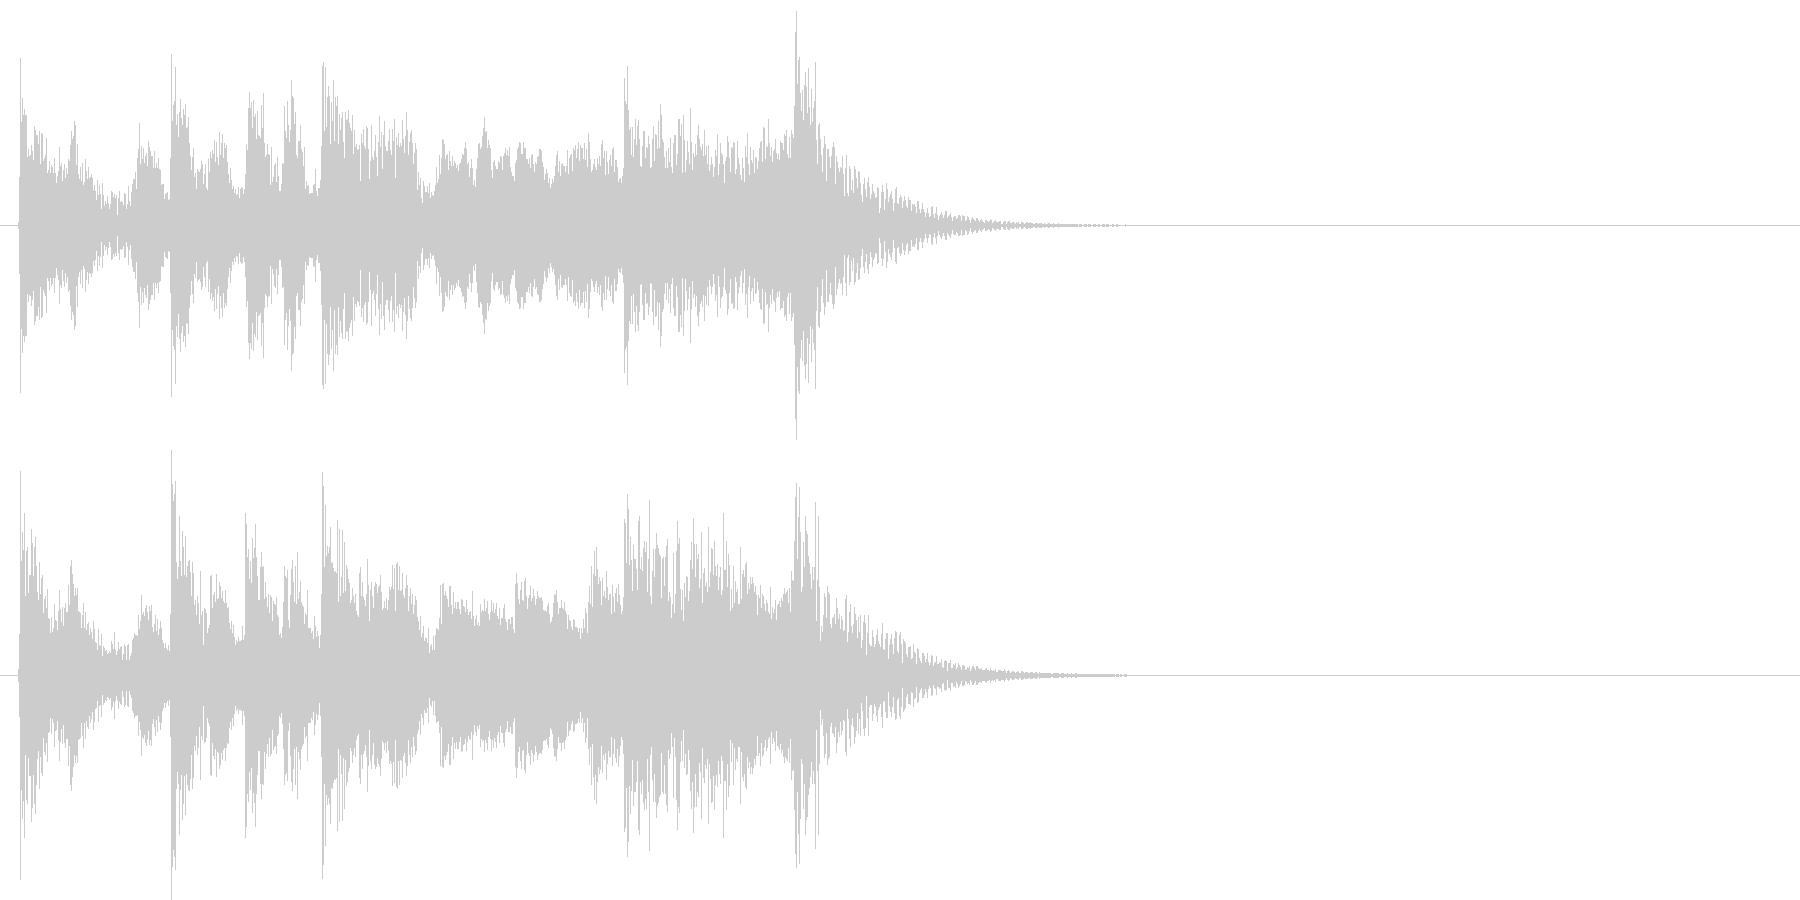 演歌なジングル アイキャッチ 6の未再生の波形